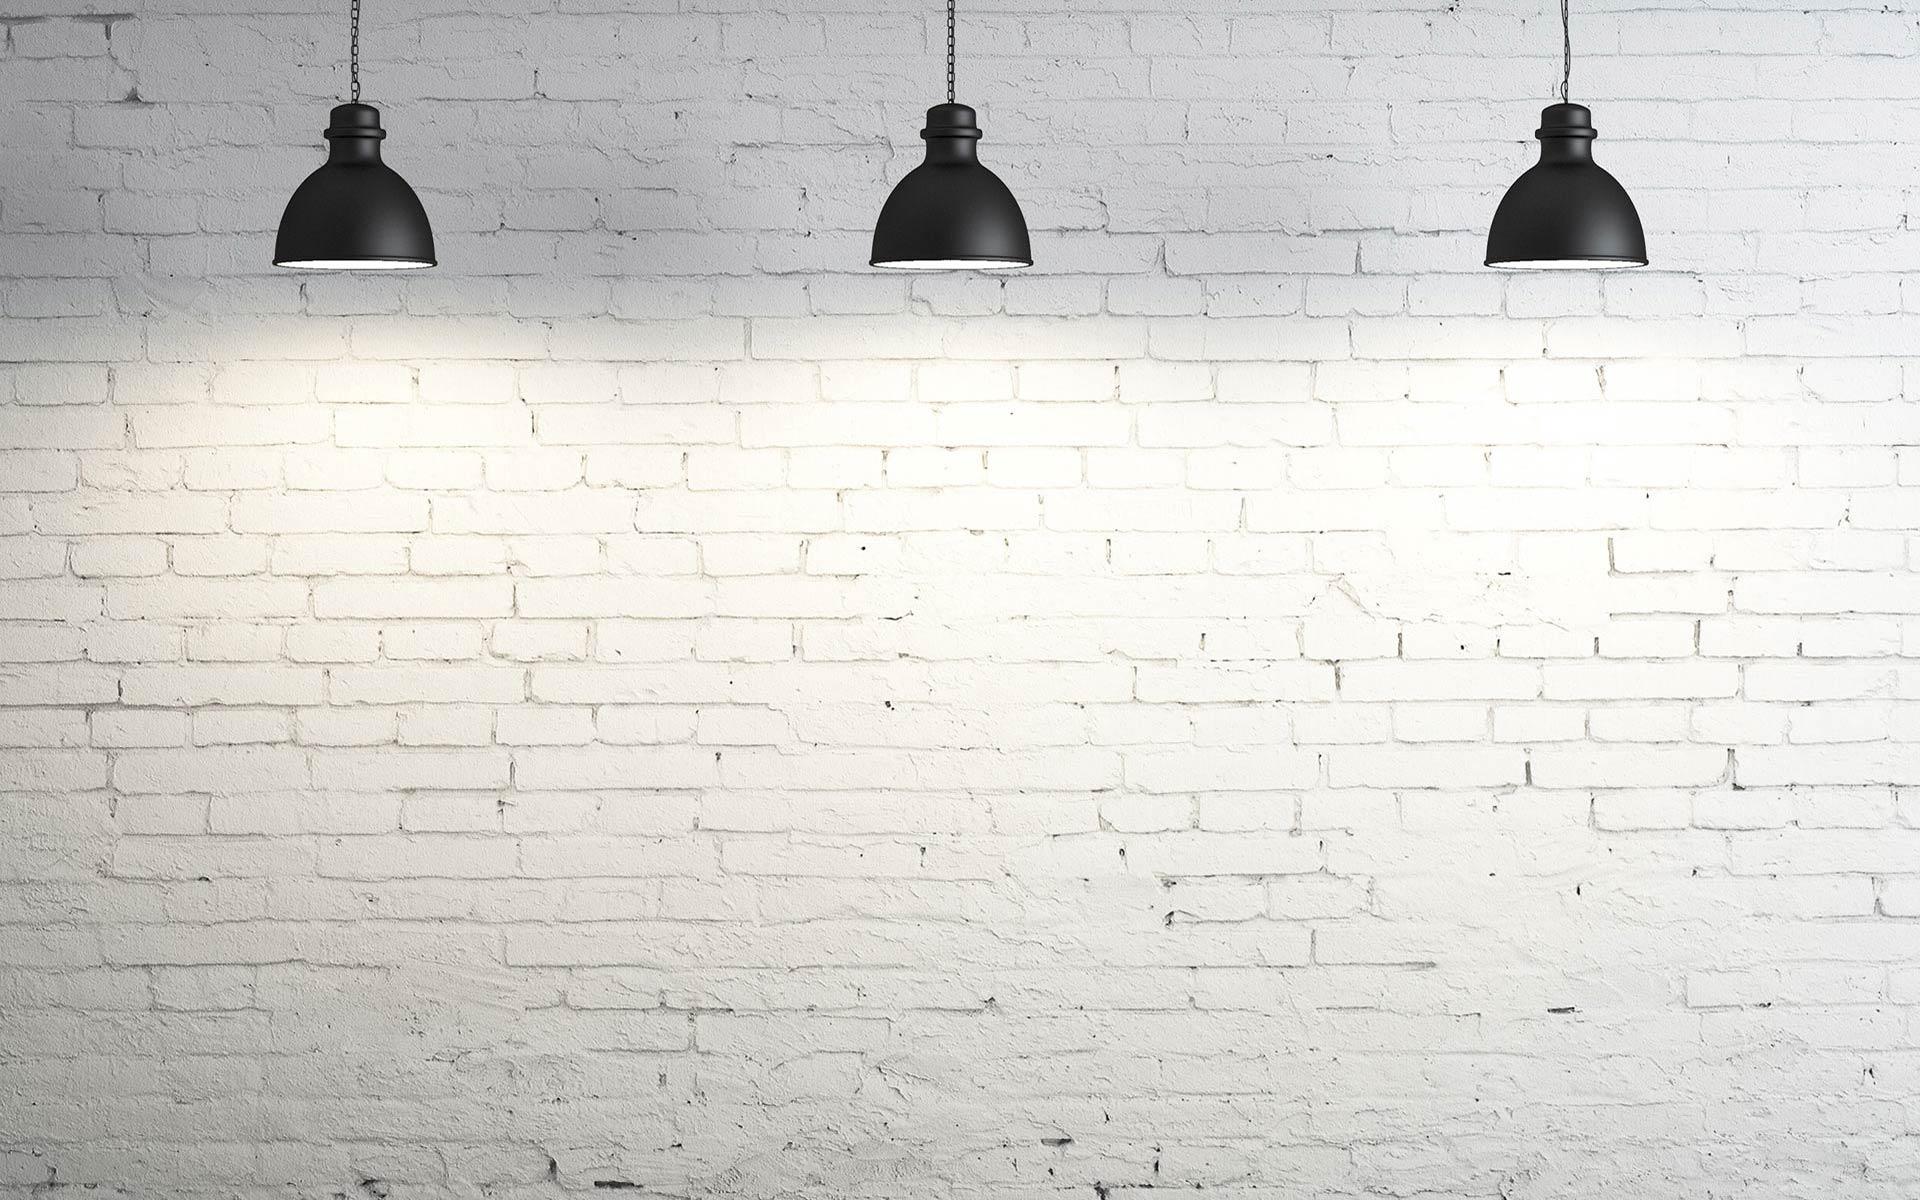 مصالح ساختمانی اکرمی اسلایدر